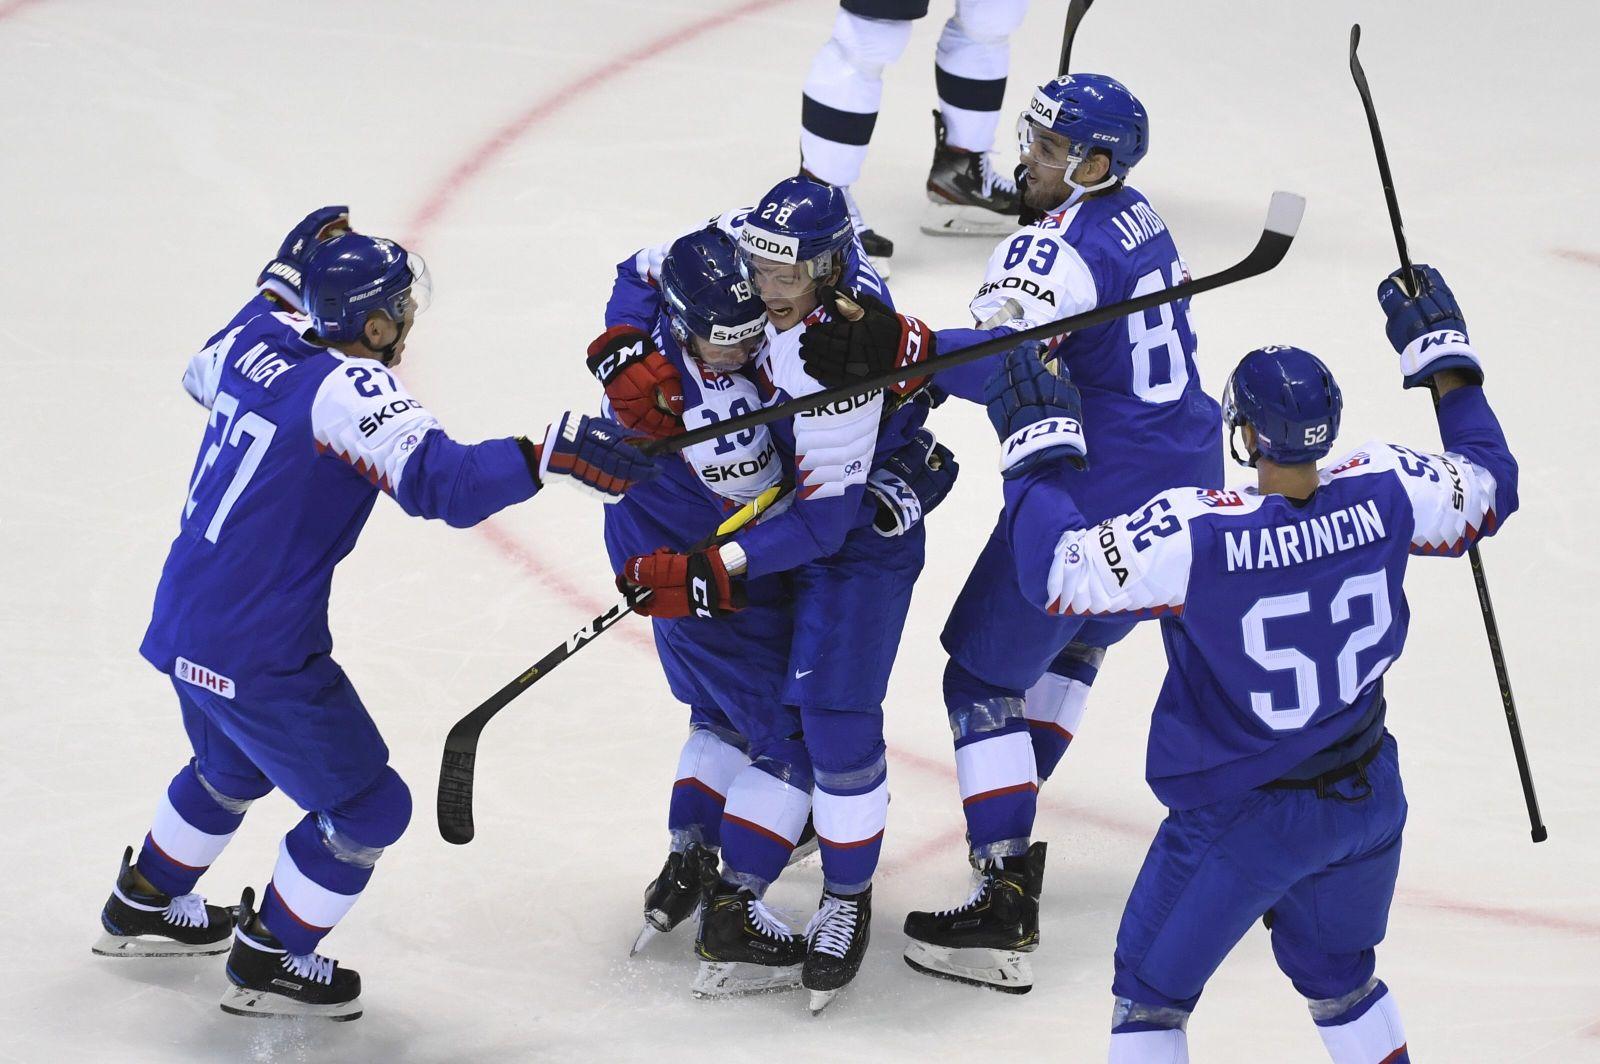 59e221c77c6b9 Slovensko víťazí po fantastickom výkone v zápase s USA | REFRESHER.sk